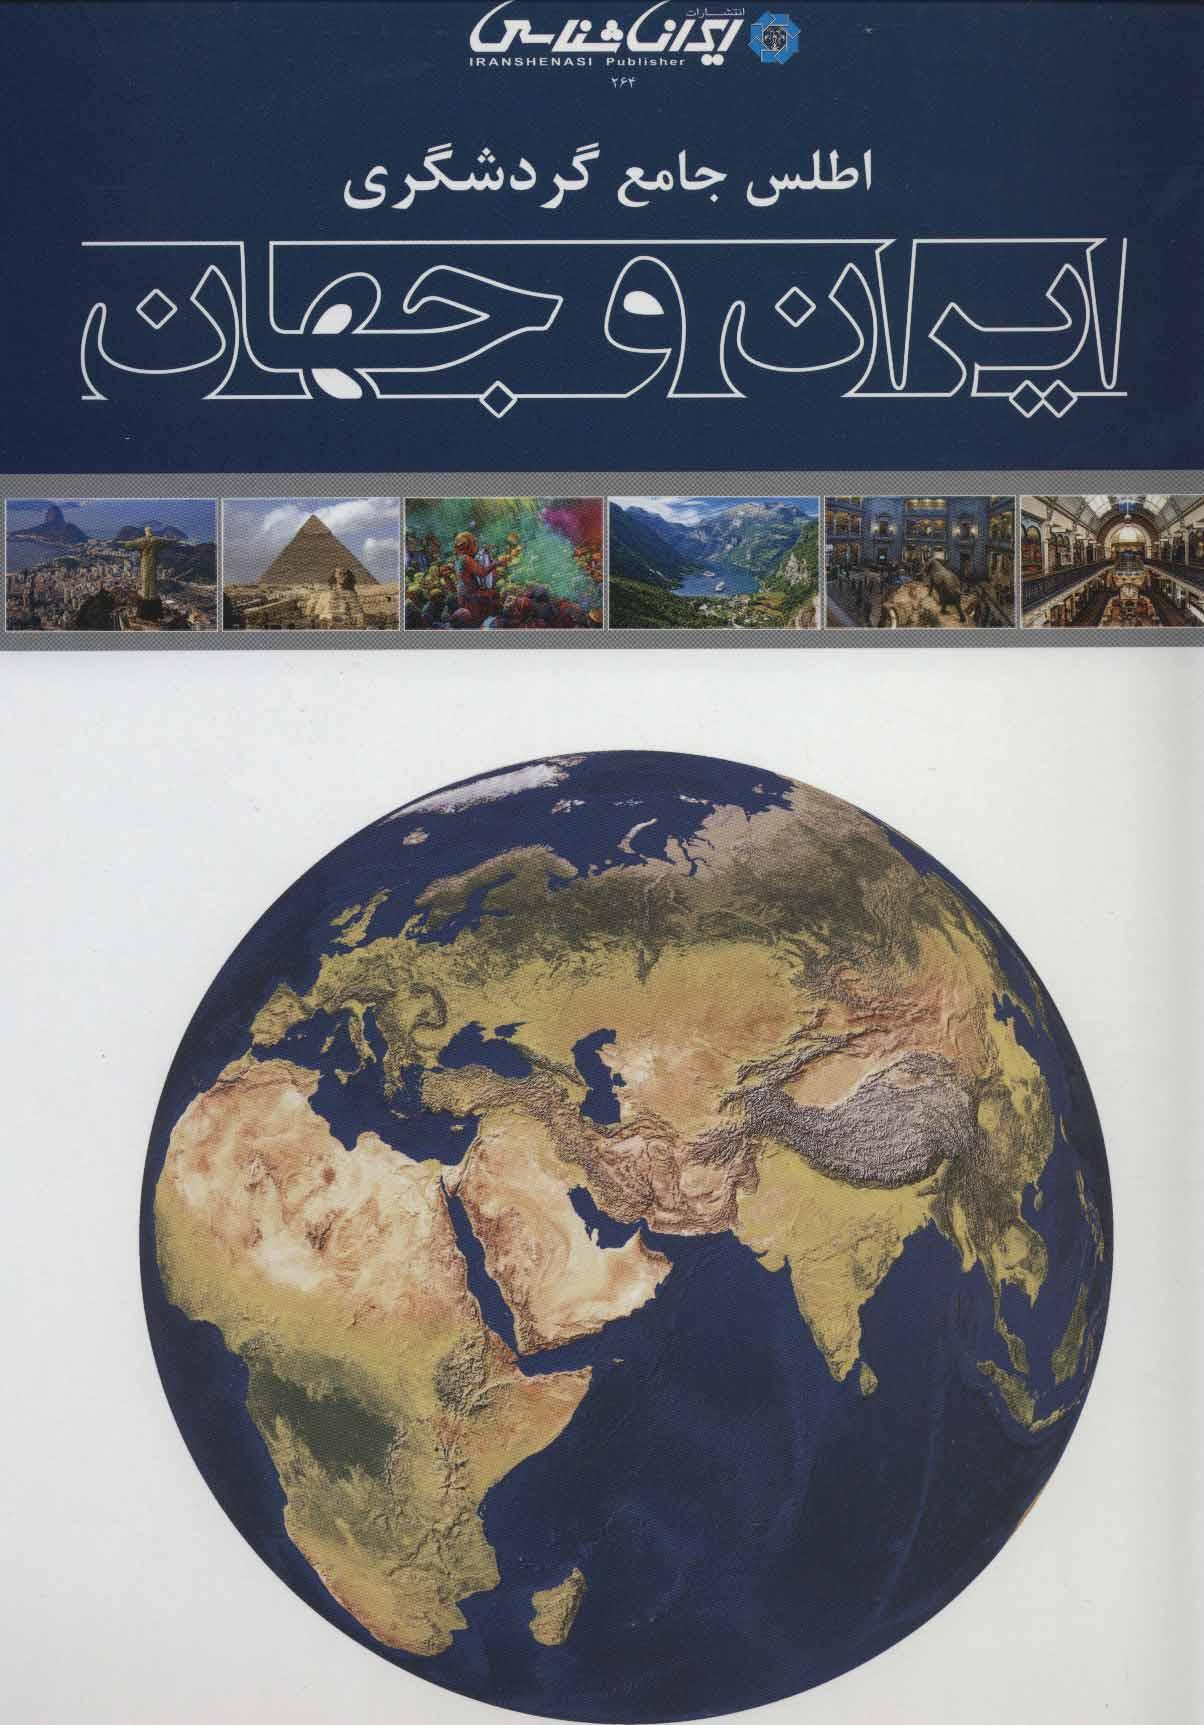 کتاب اطلس جامع گردشگری ایران و جهان